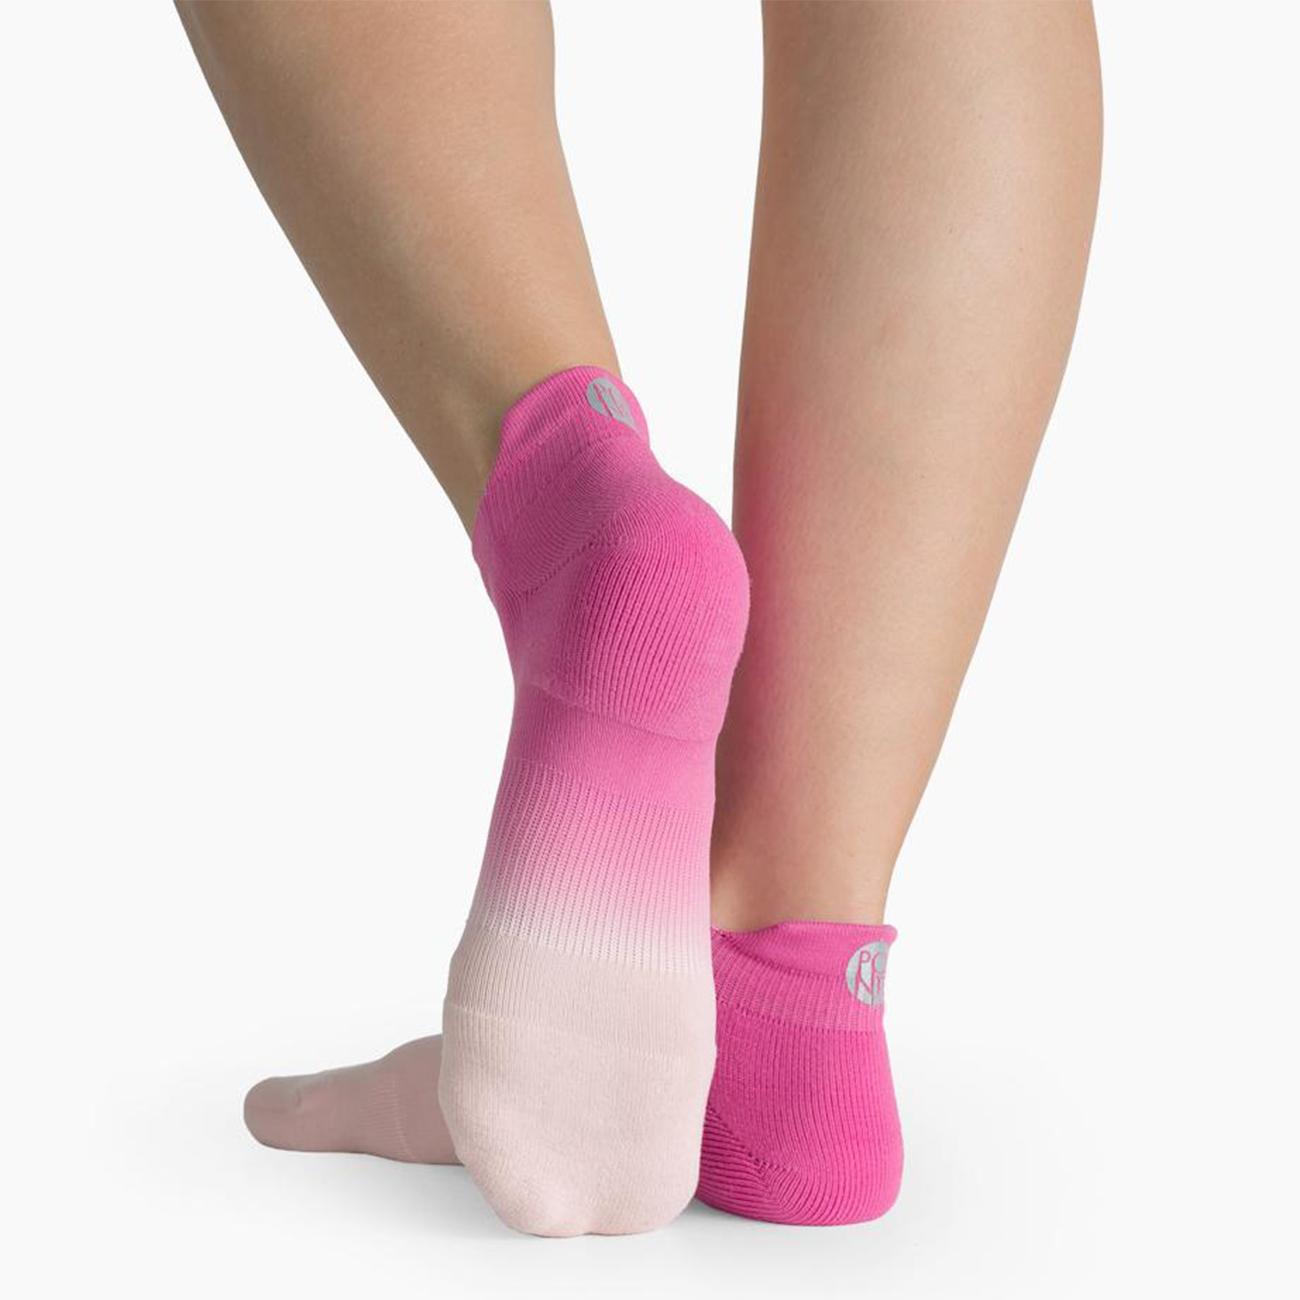 Riley Sport Socken Von Pointe Studio Pink Yoga Socken